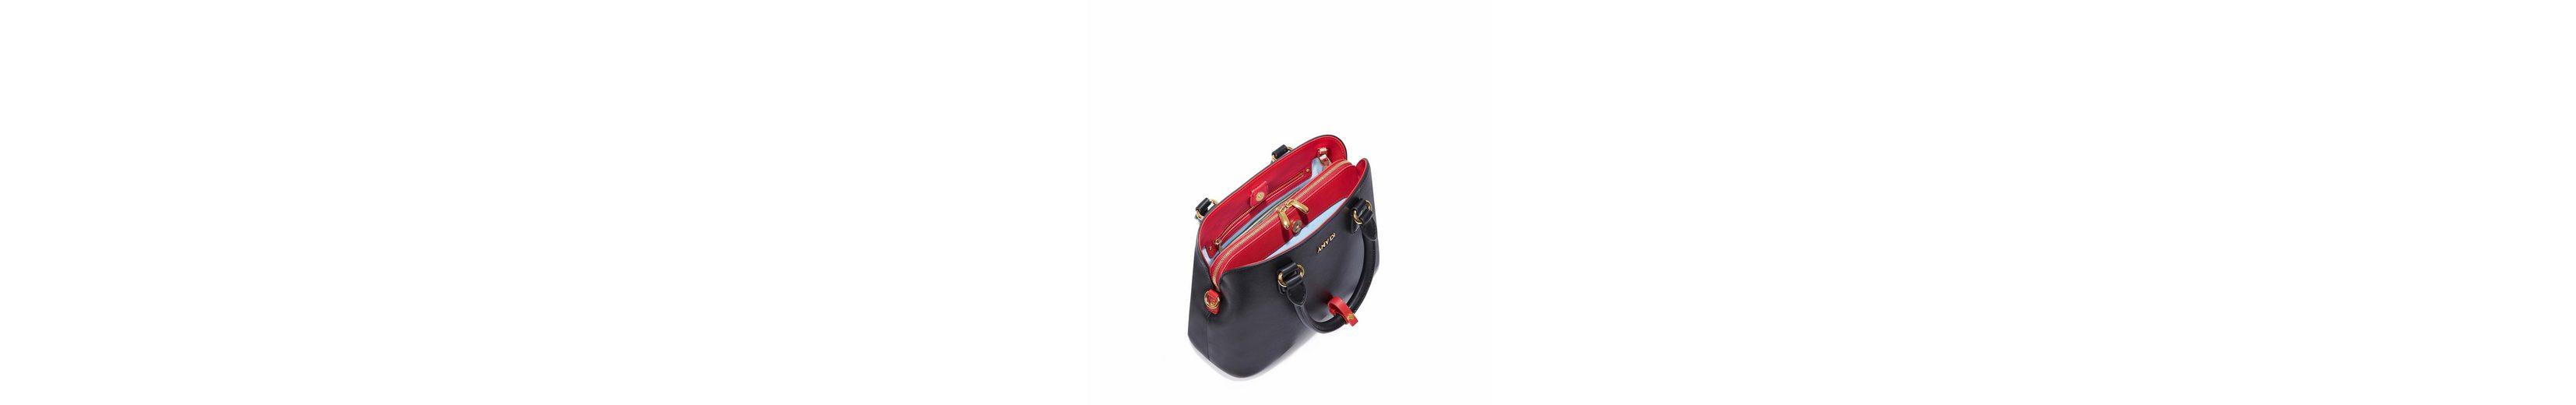 ANY DI Henkeltasche BAG XM, aus hochwertigem Leder, kann auch als Rucksack getragen werden